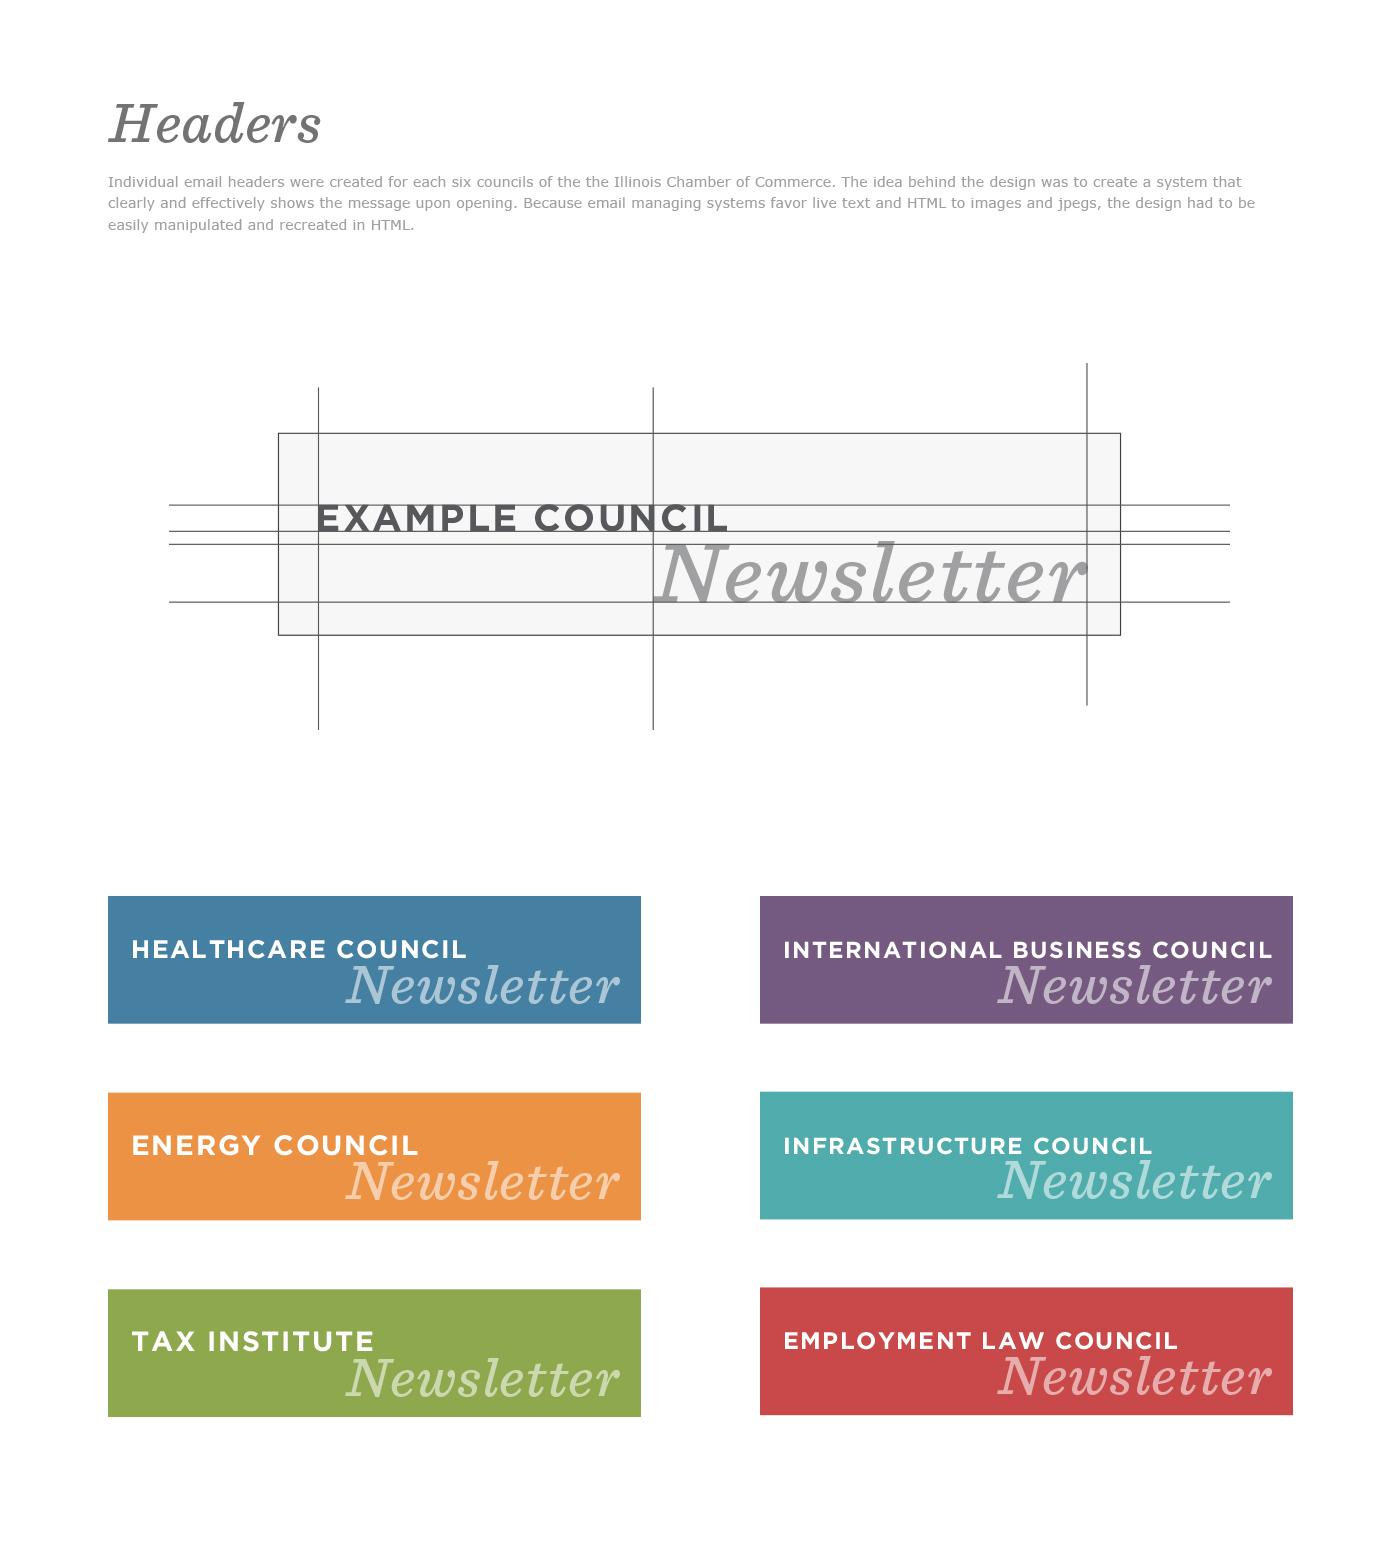 headers3.jpg